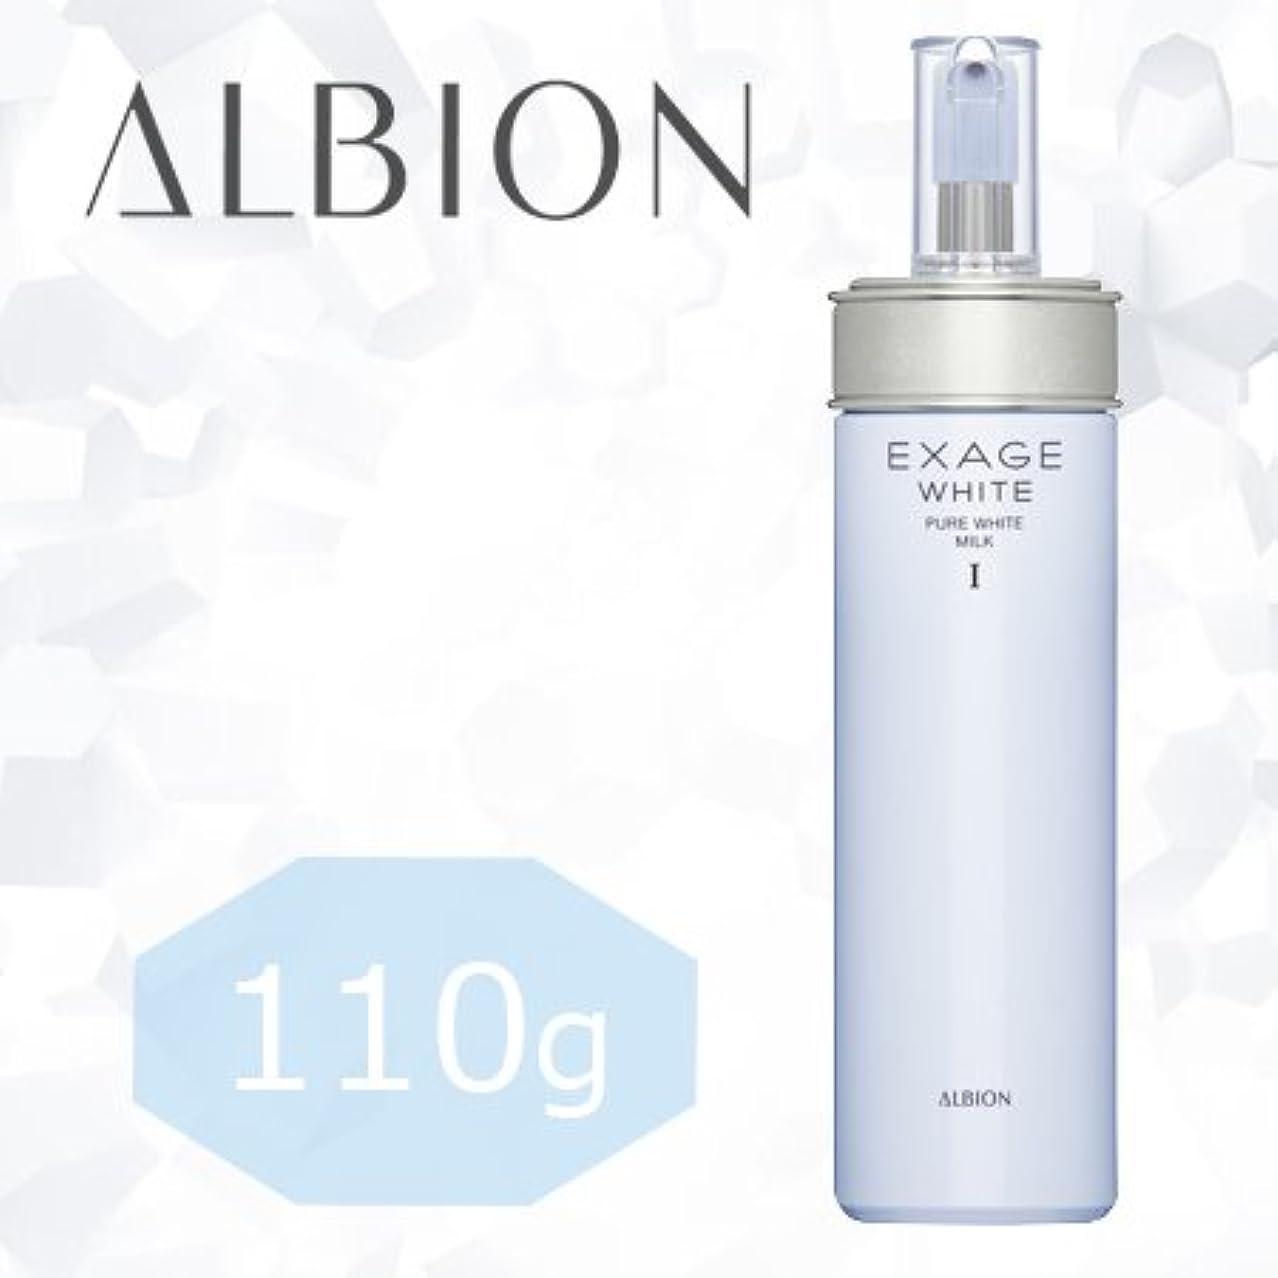 霧深い前件シャイニングアルビオン エクサージュホワイト ピュアホワイト ミルク 1 110g